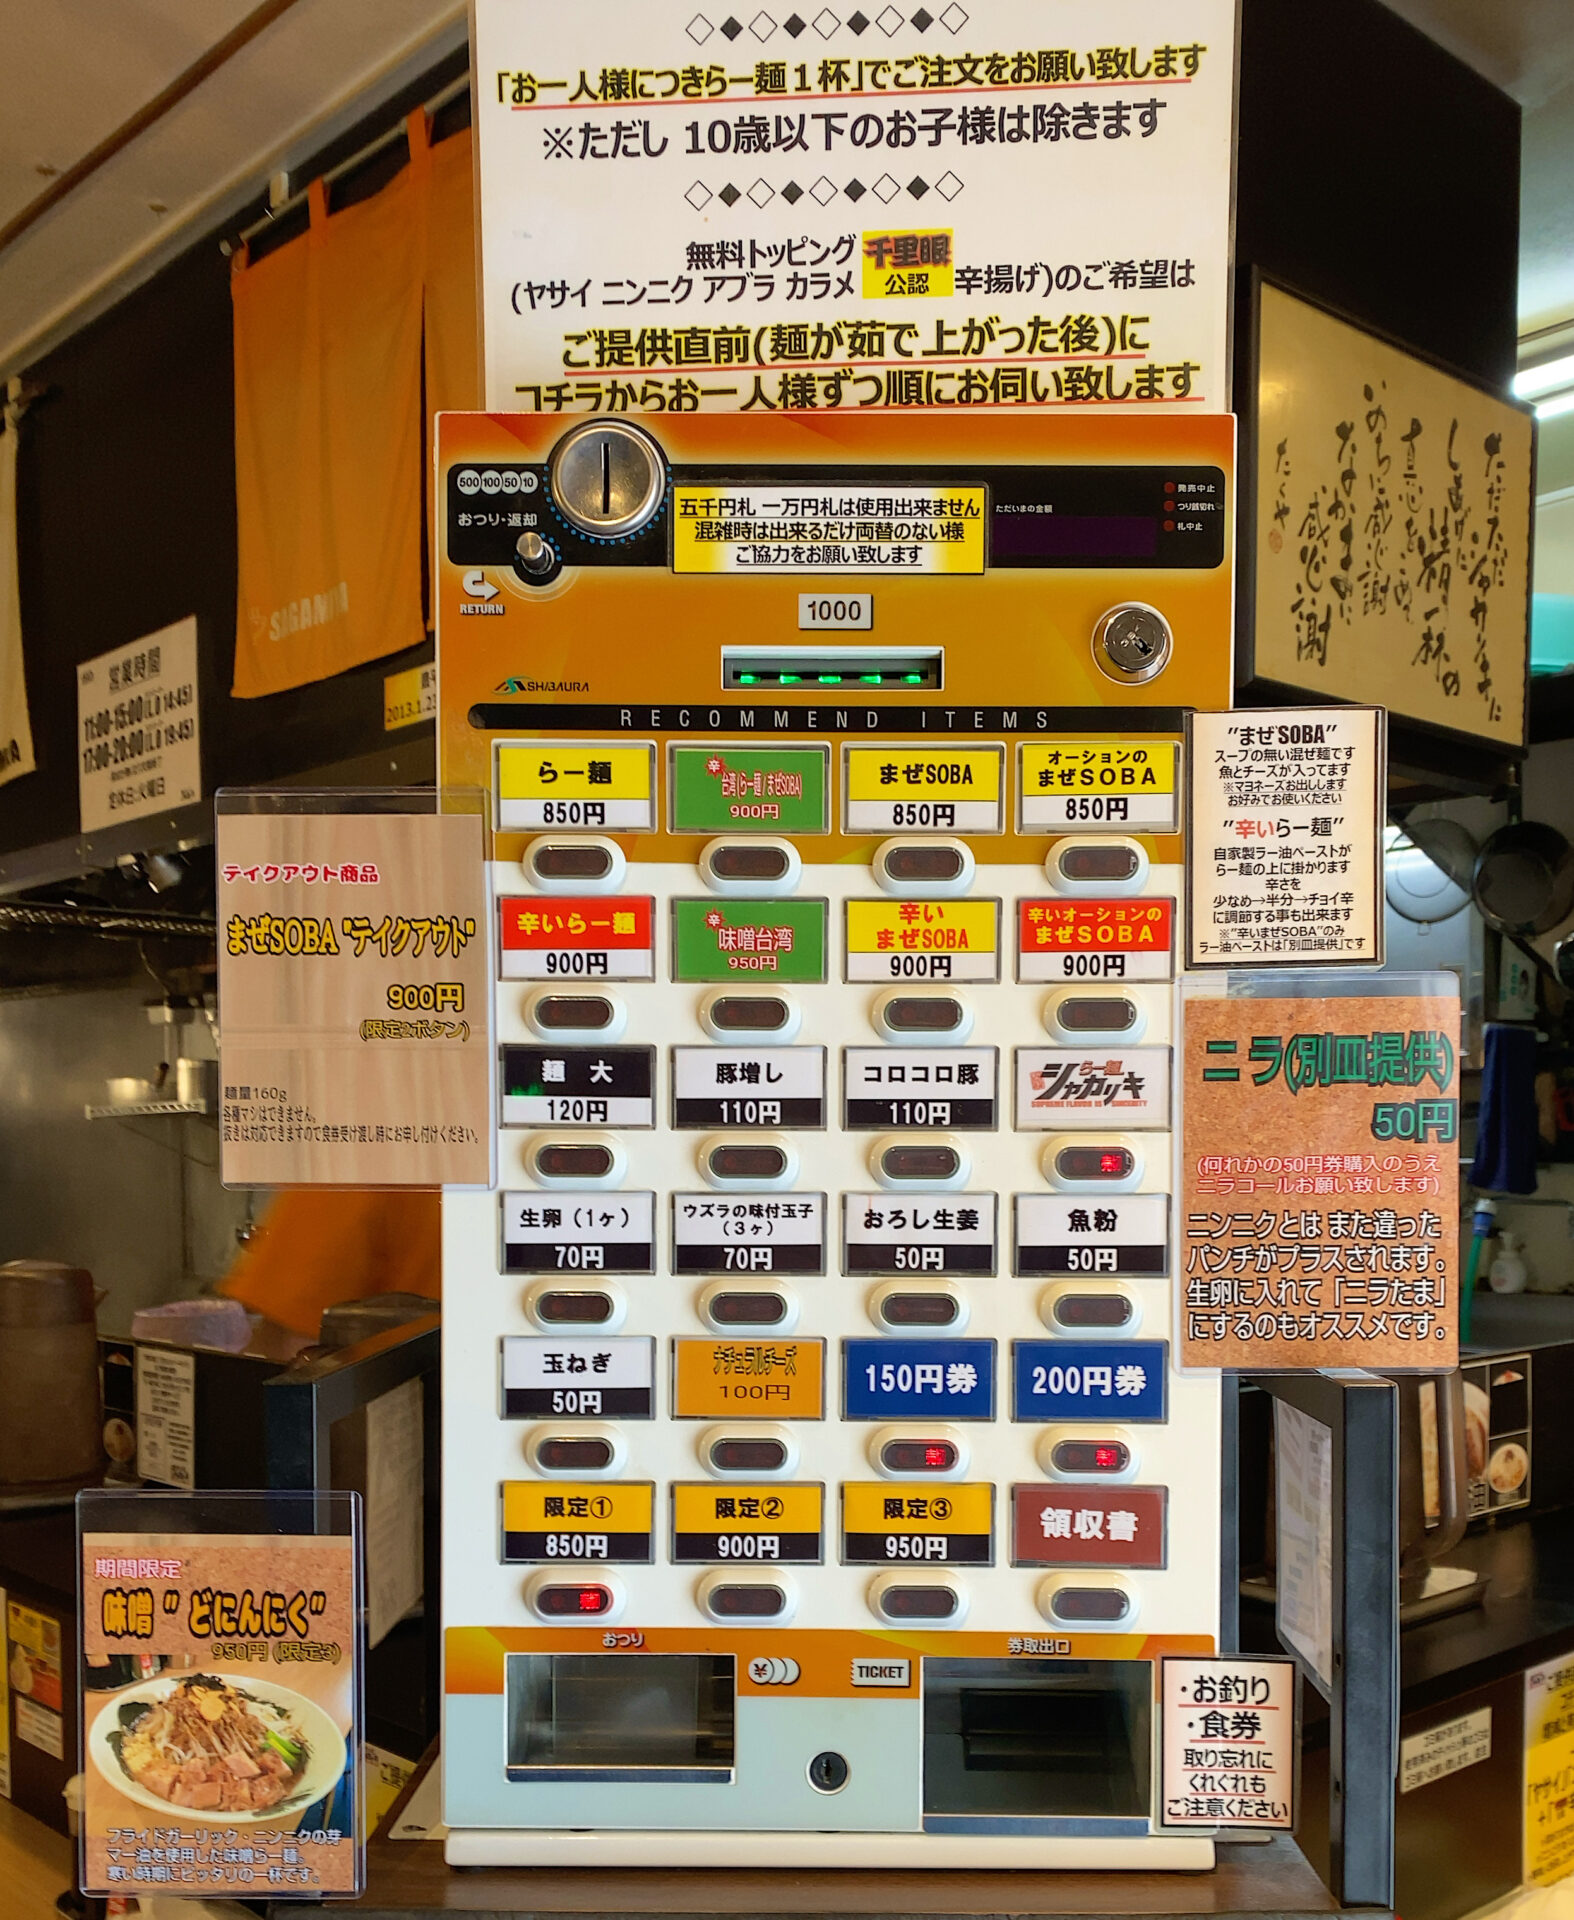 らー麺 シャカリキ メニュー